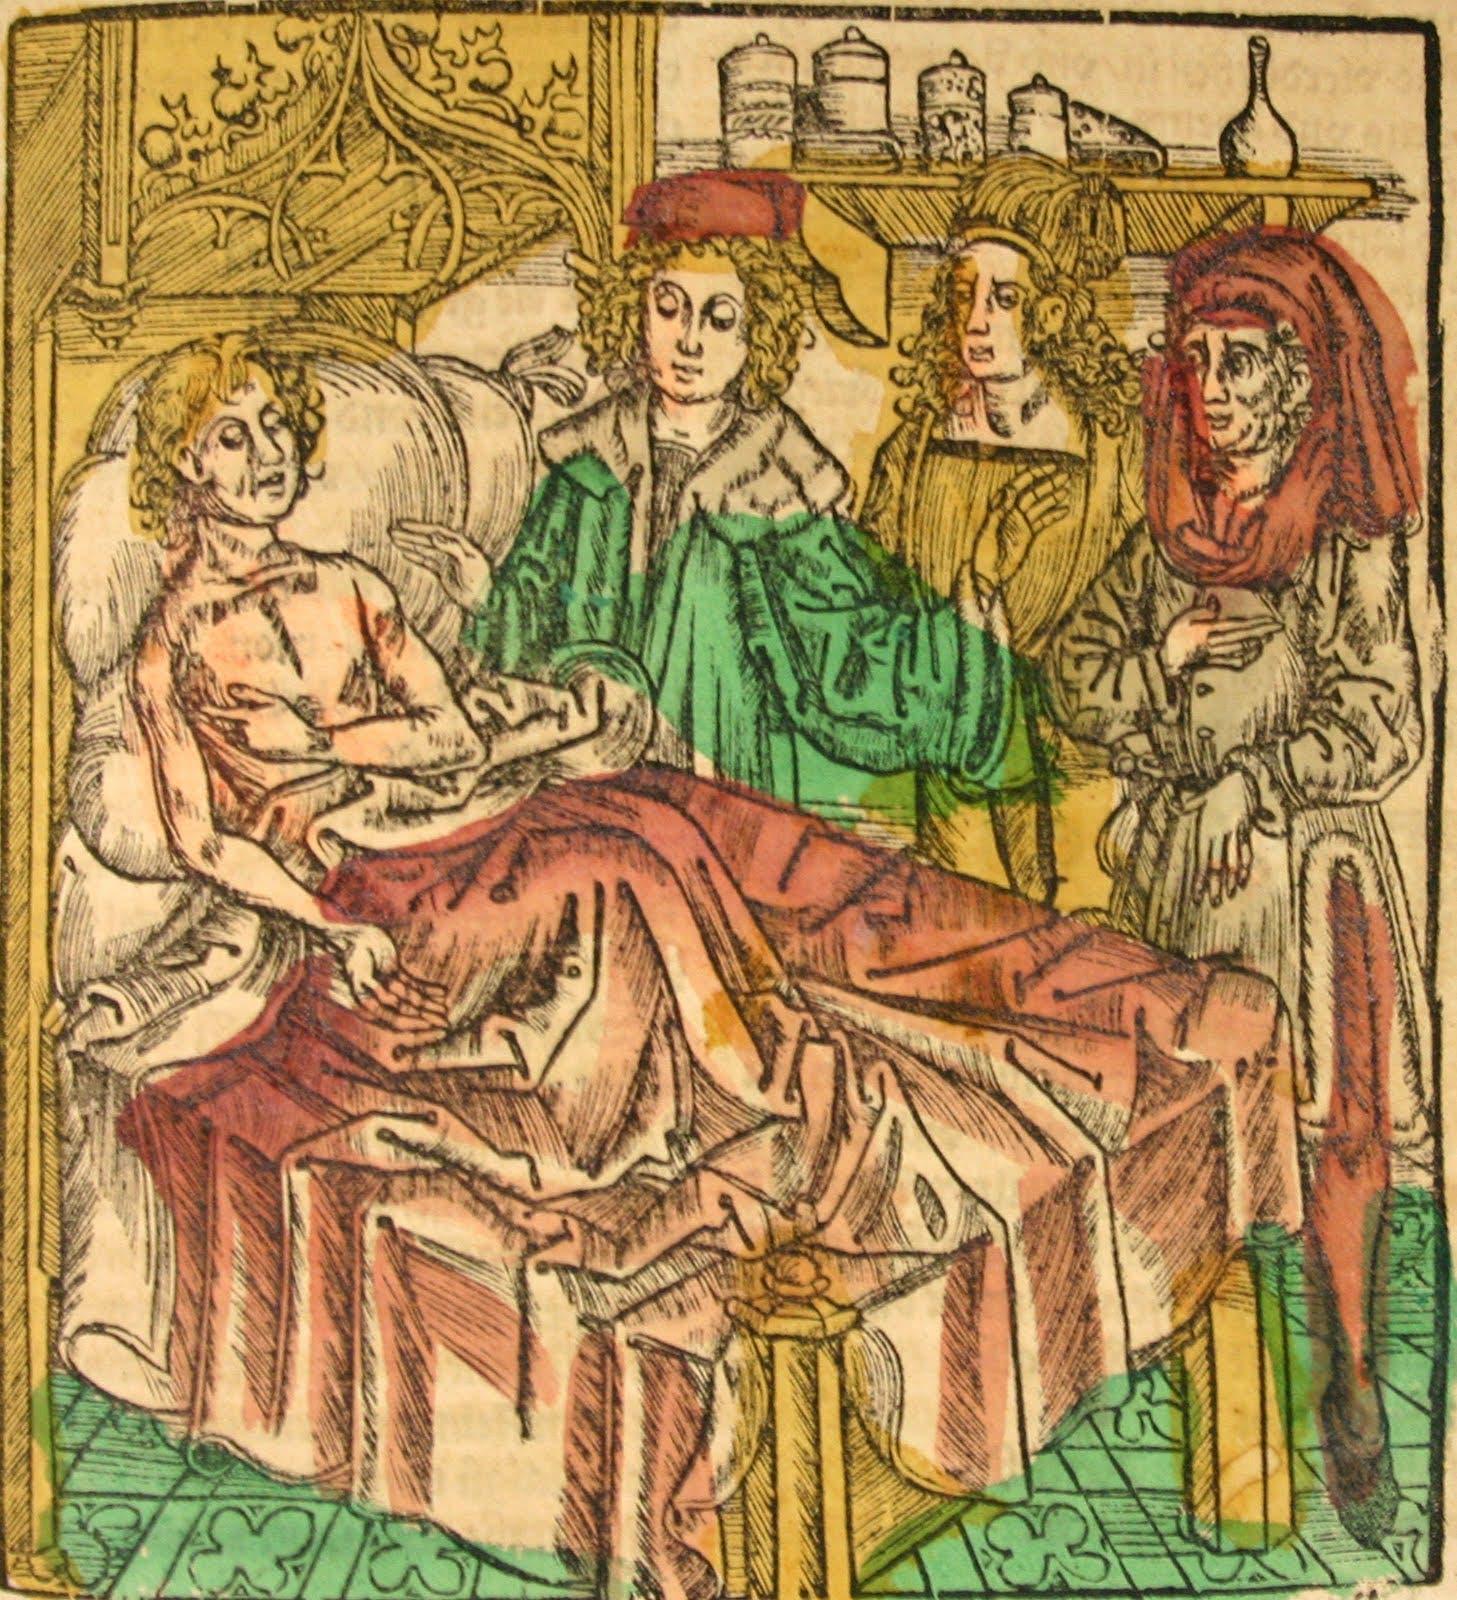 رسم تخيلي يجسد أحد أطباء العصور الوسطى بجوار مريض